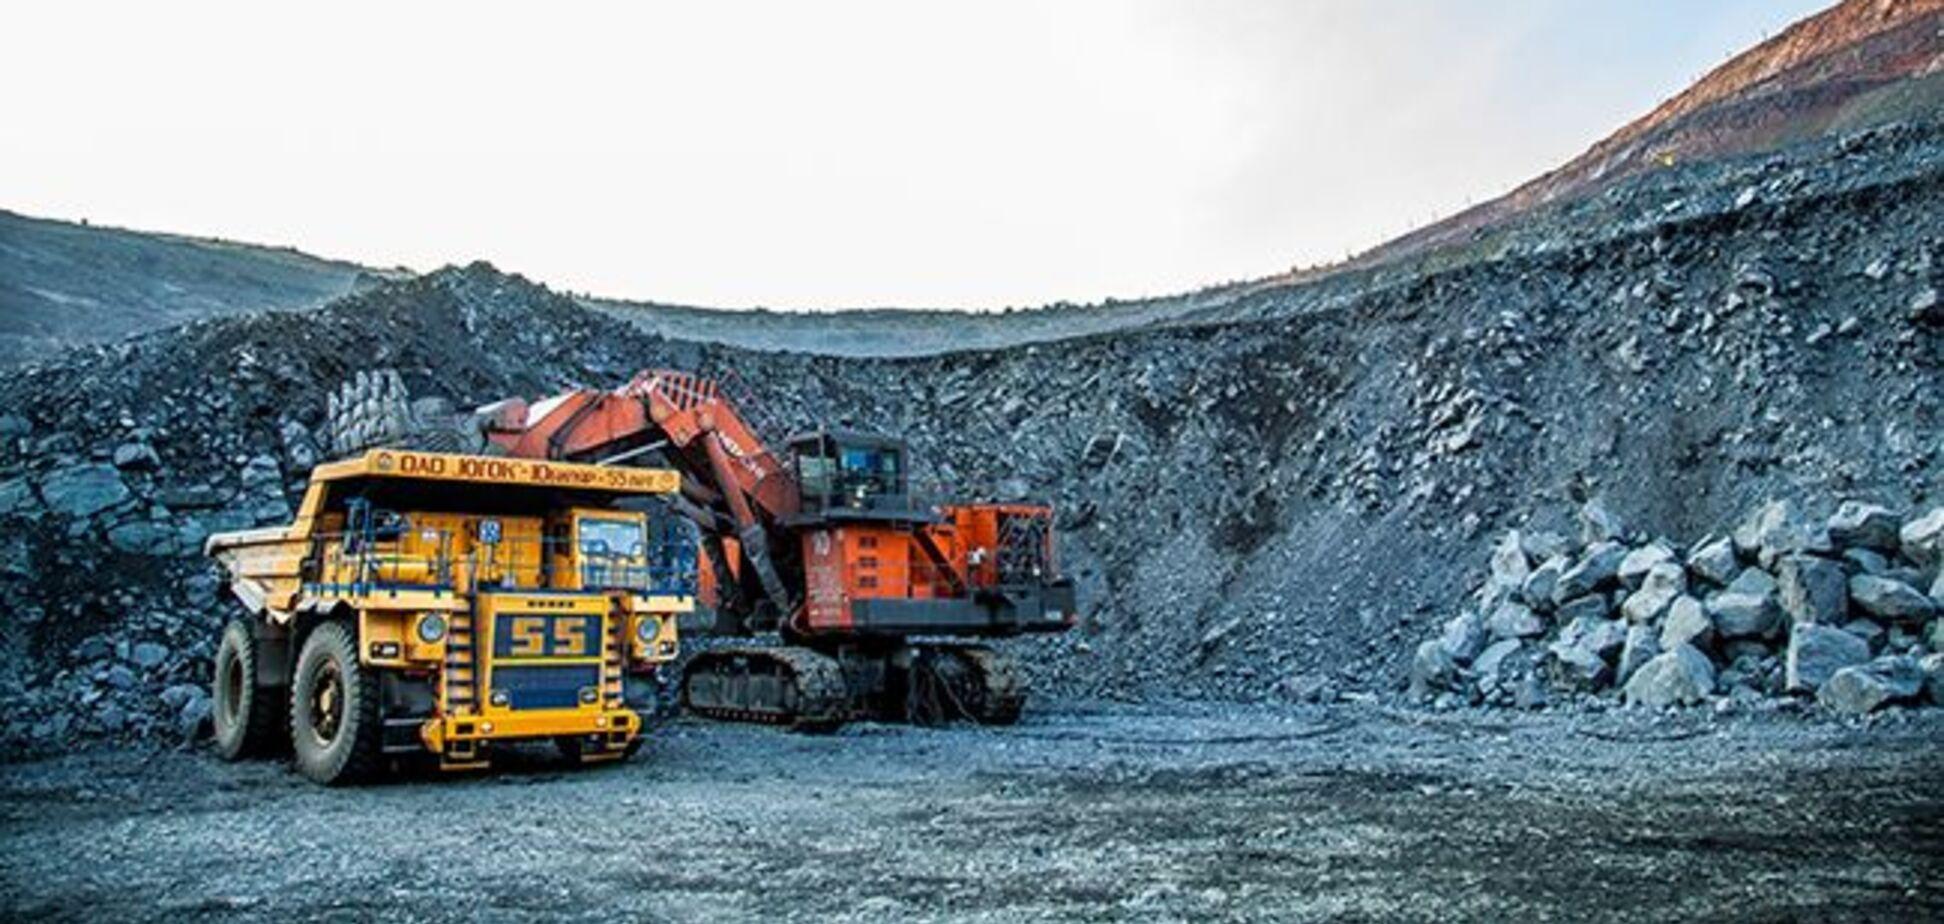 Увеличение ставки ренты на добычу железной руды повысит расходы горнорудных предприятий – эксперт